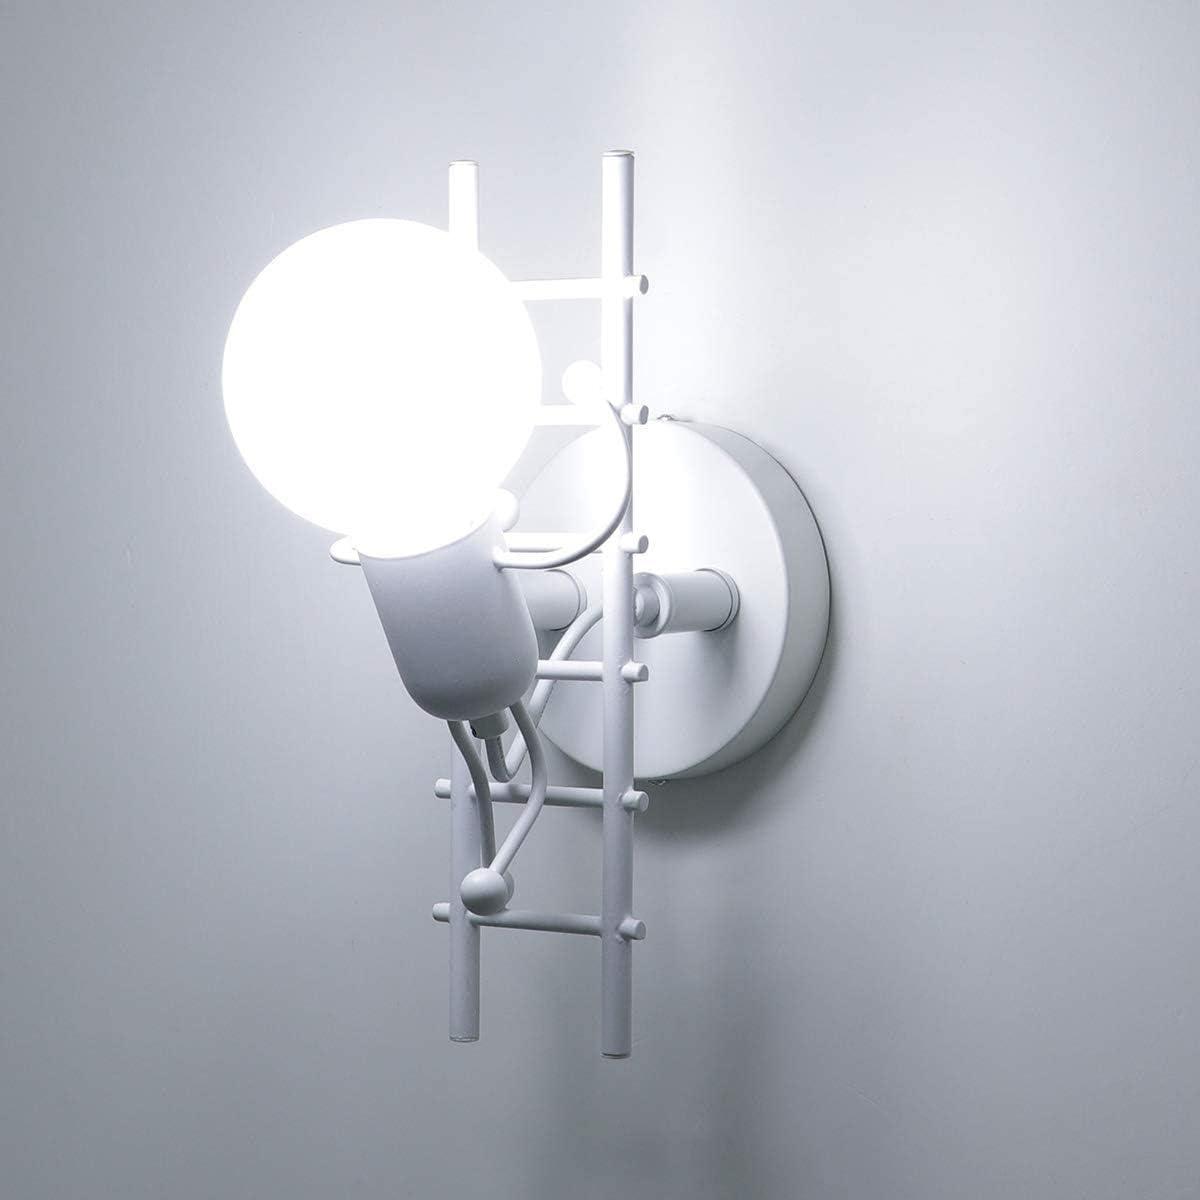 Restaurant CattleBie Humano/ïde Cr/éatif Applique Murale Interieur Lampe Murale Moderne Lampe de Mur Art D/éco Max 60W E27 pour Chambre /à Coucher Escalier Couloir Chambre denfants Cuisine